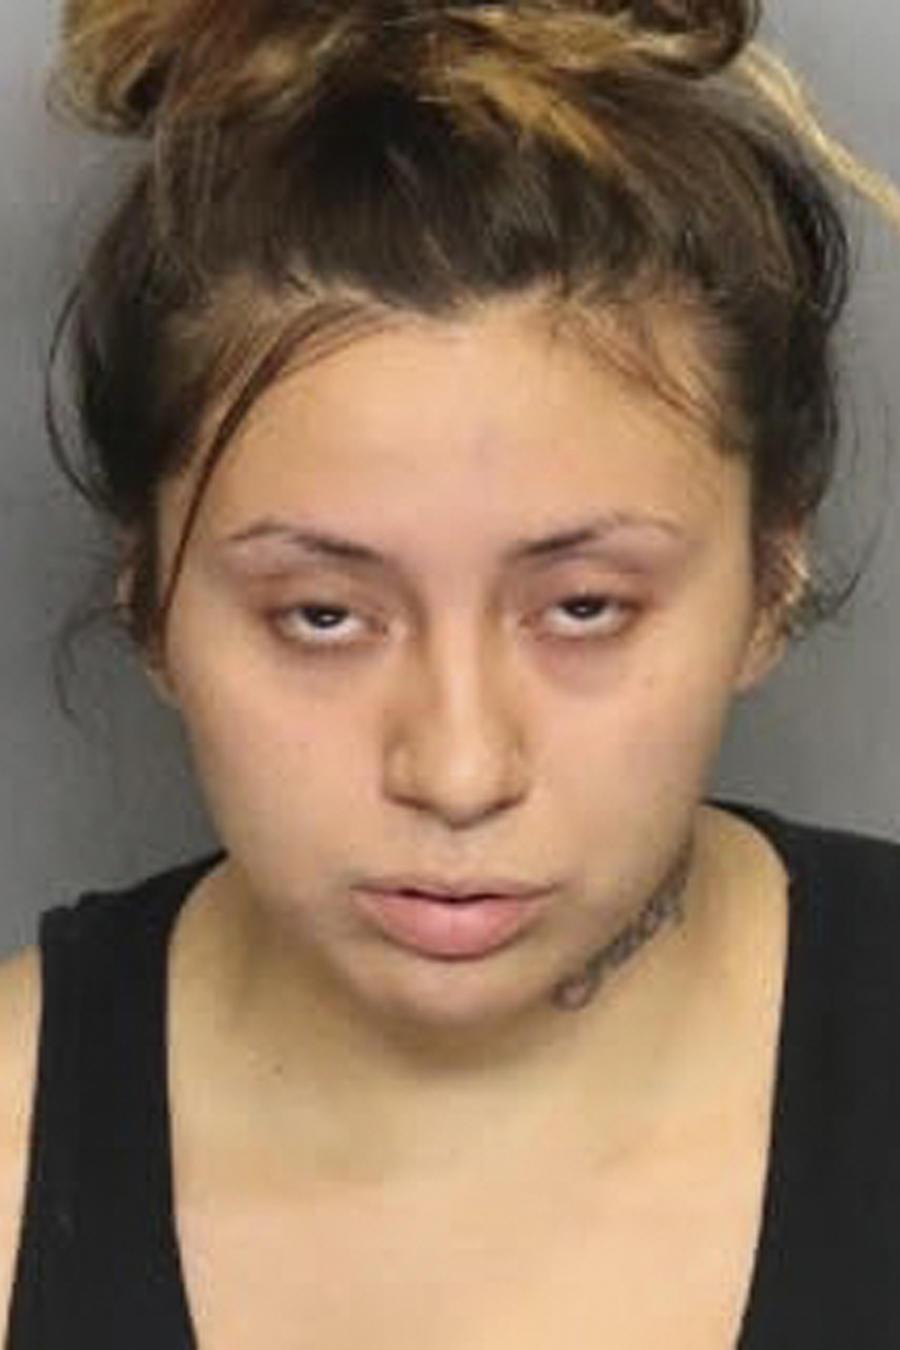 En esta foto del Stockton Police Department aparece Obdulia Sánchez, arrestada con cargos de posesión de armas.